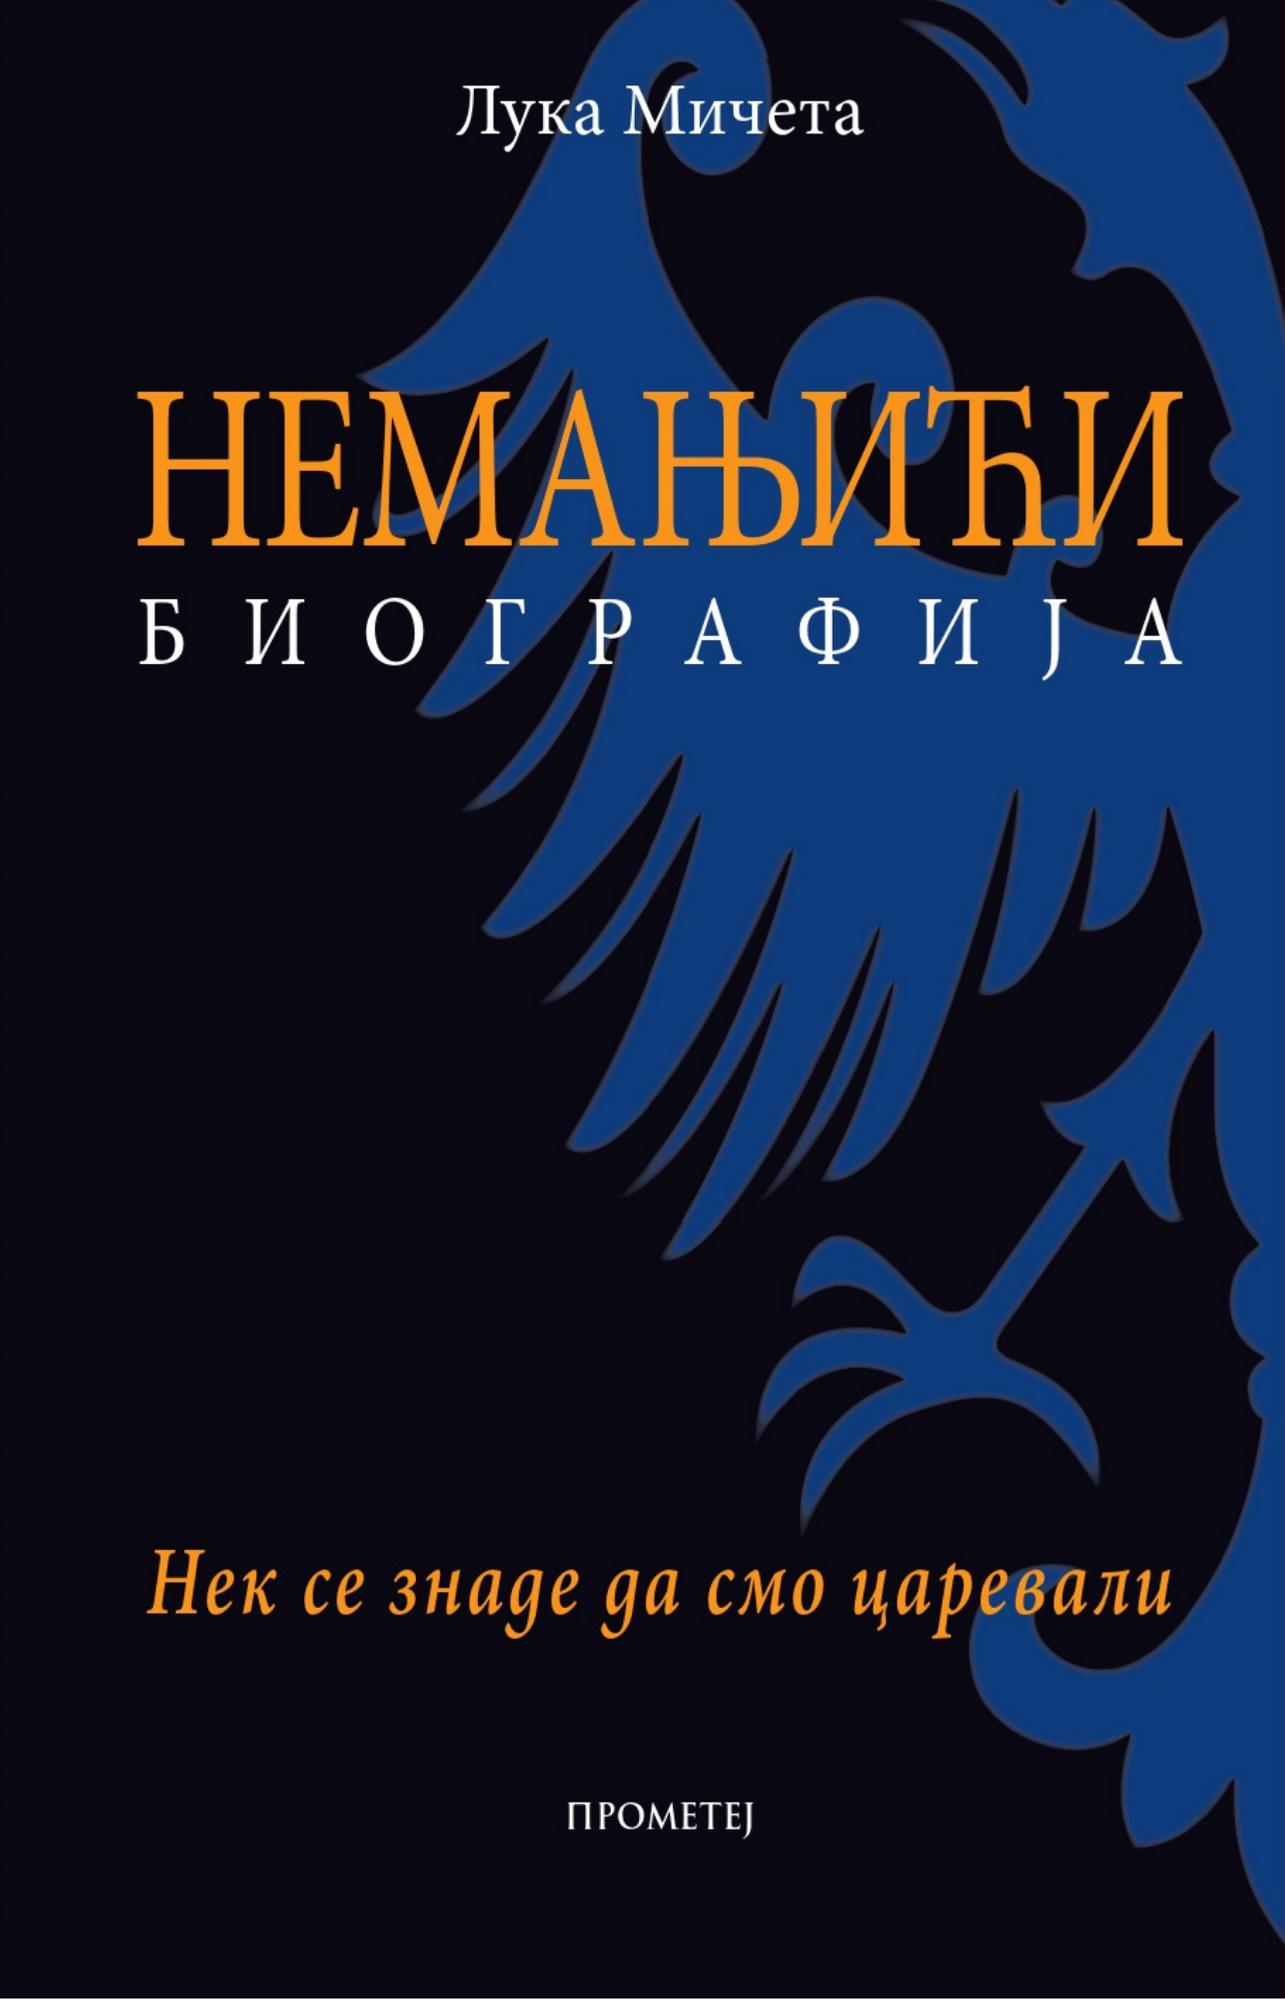 Nemanjići – biografija